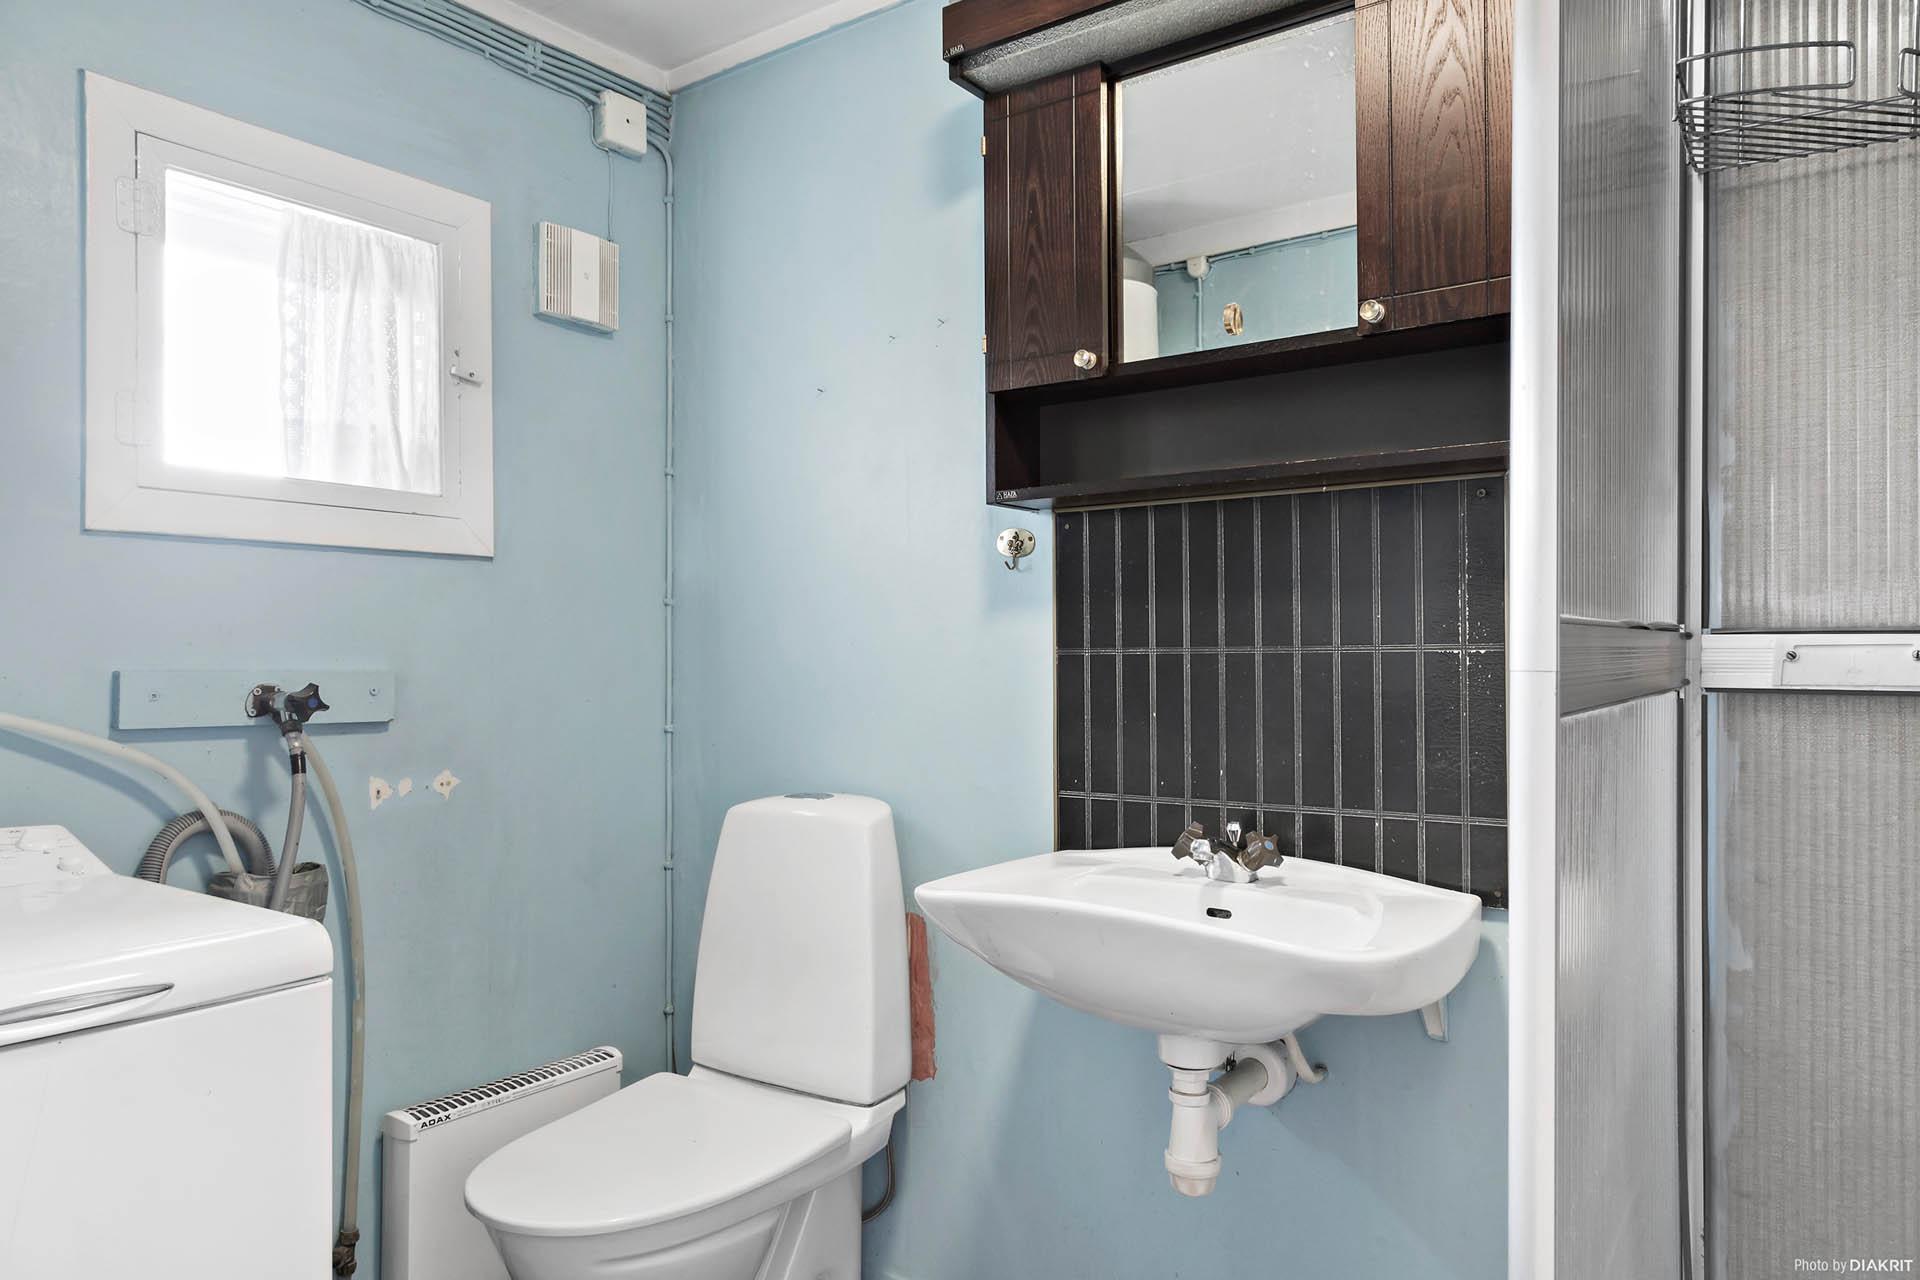 Badrum med tvättmaskin, wc, handfat, spegelskåp och dusch.